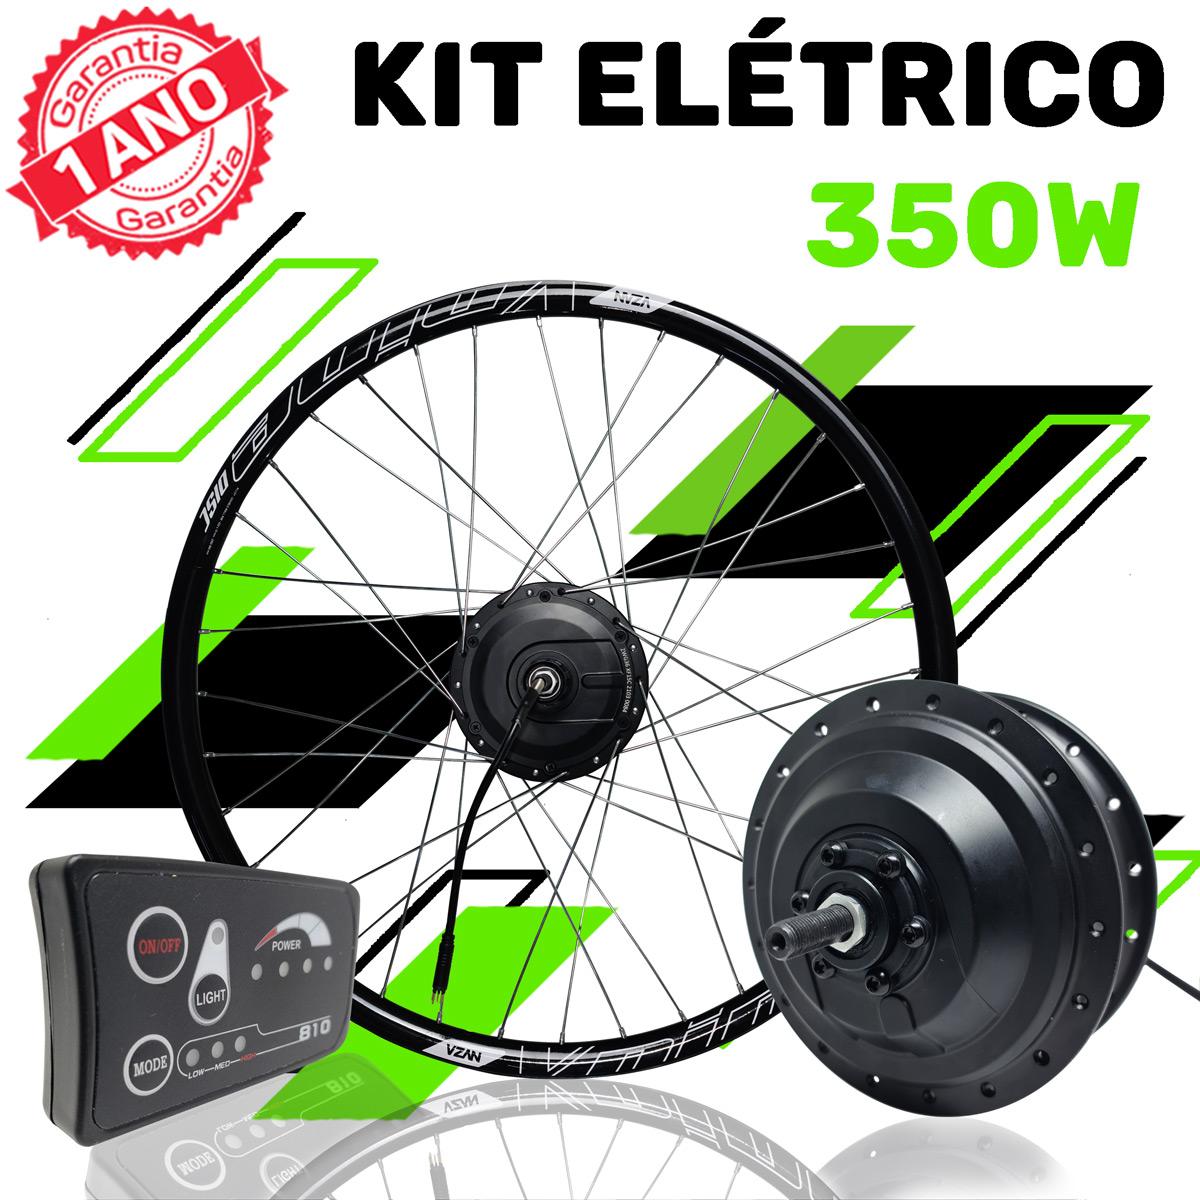 Kit Elétrico para Bicicleta - TecBike - 350 Watts 36V